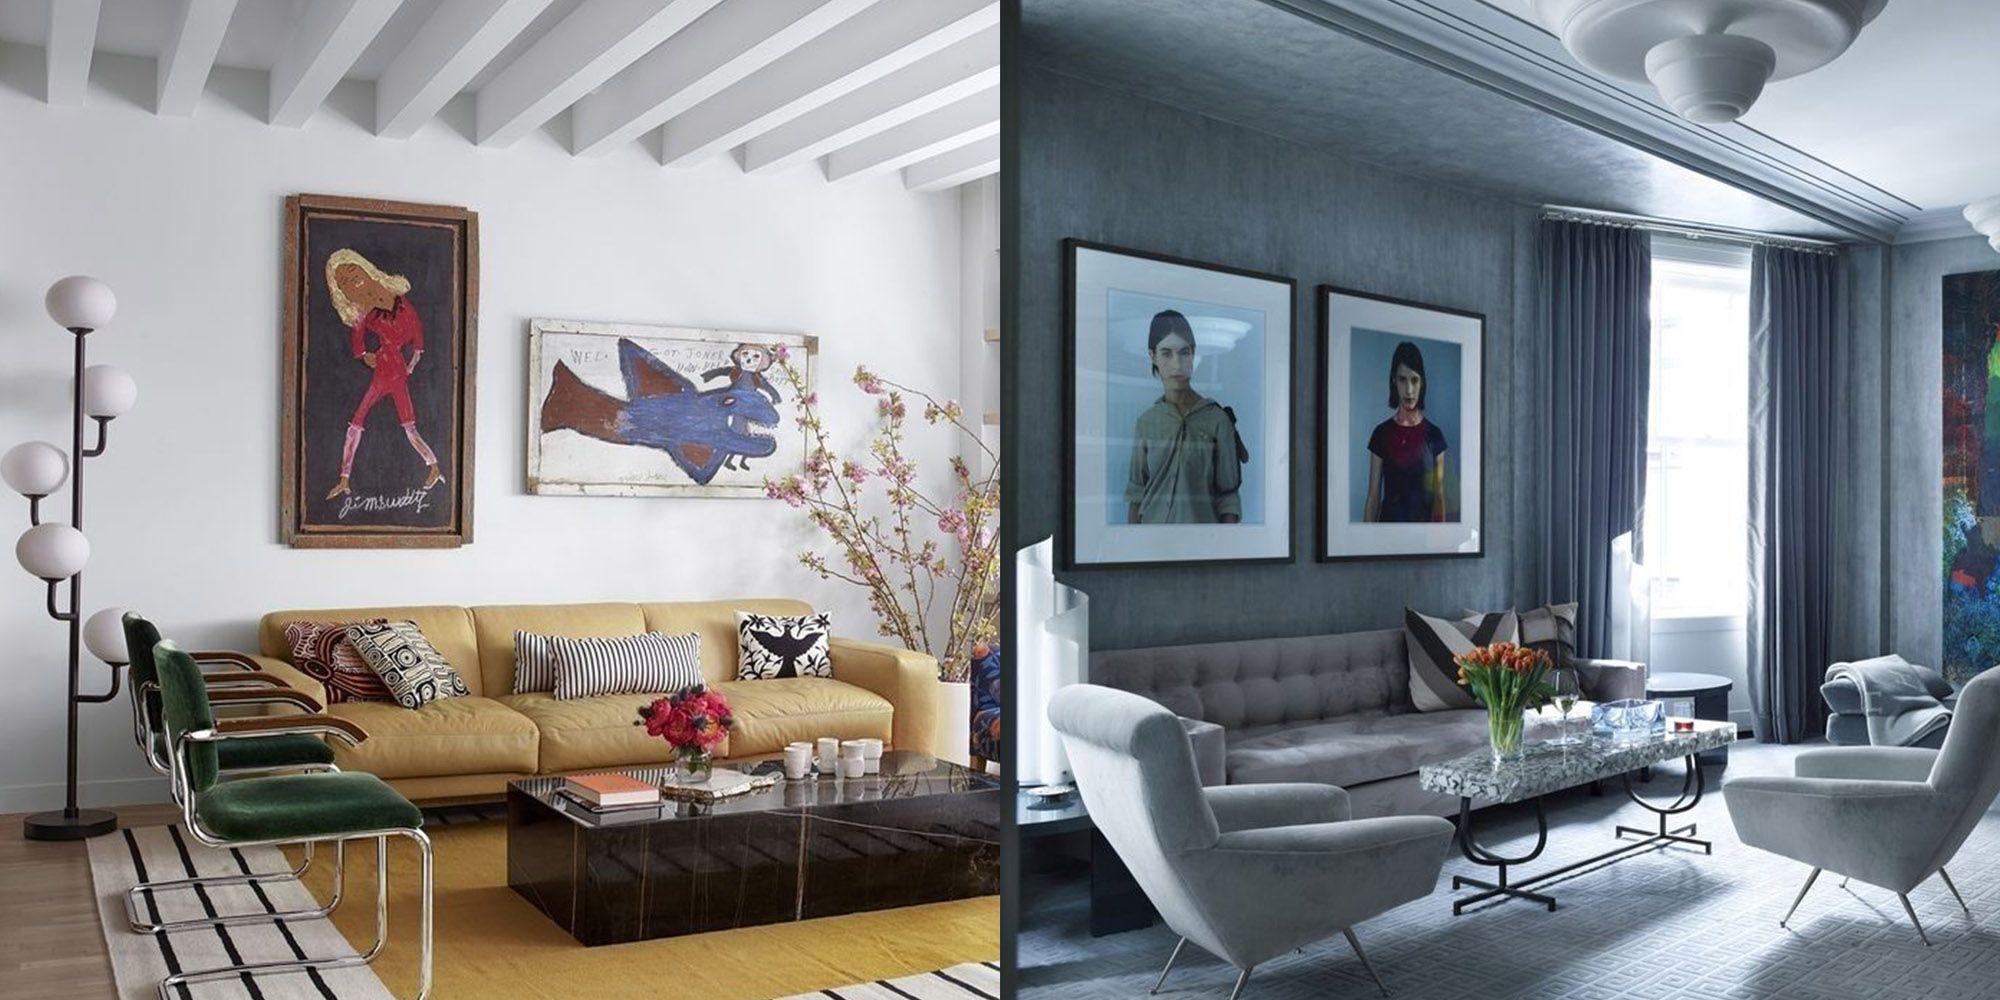 Contemporary Decor Images